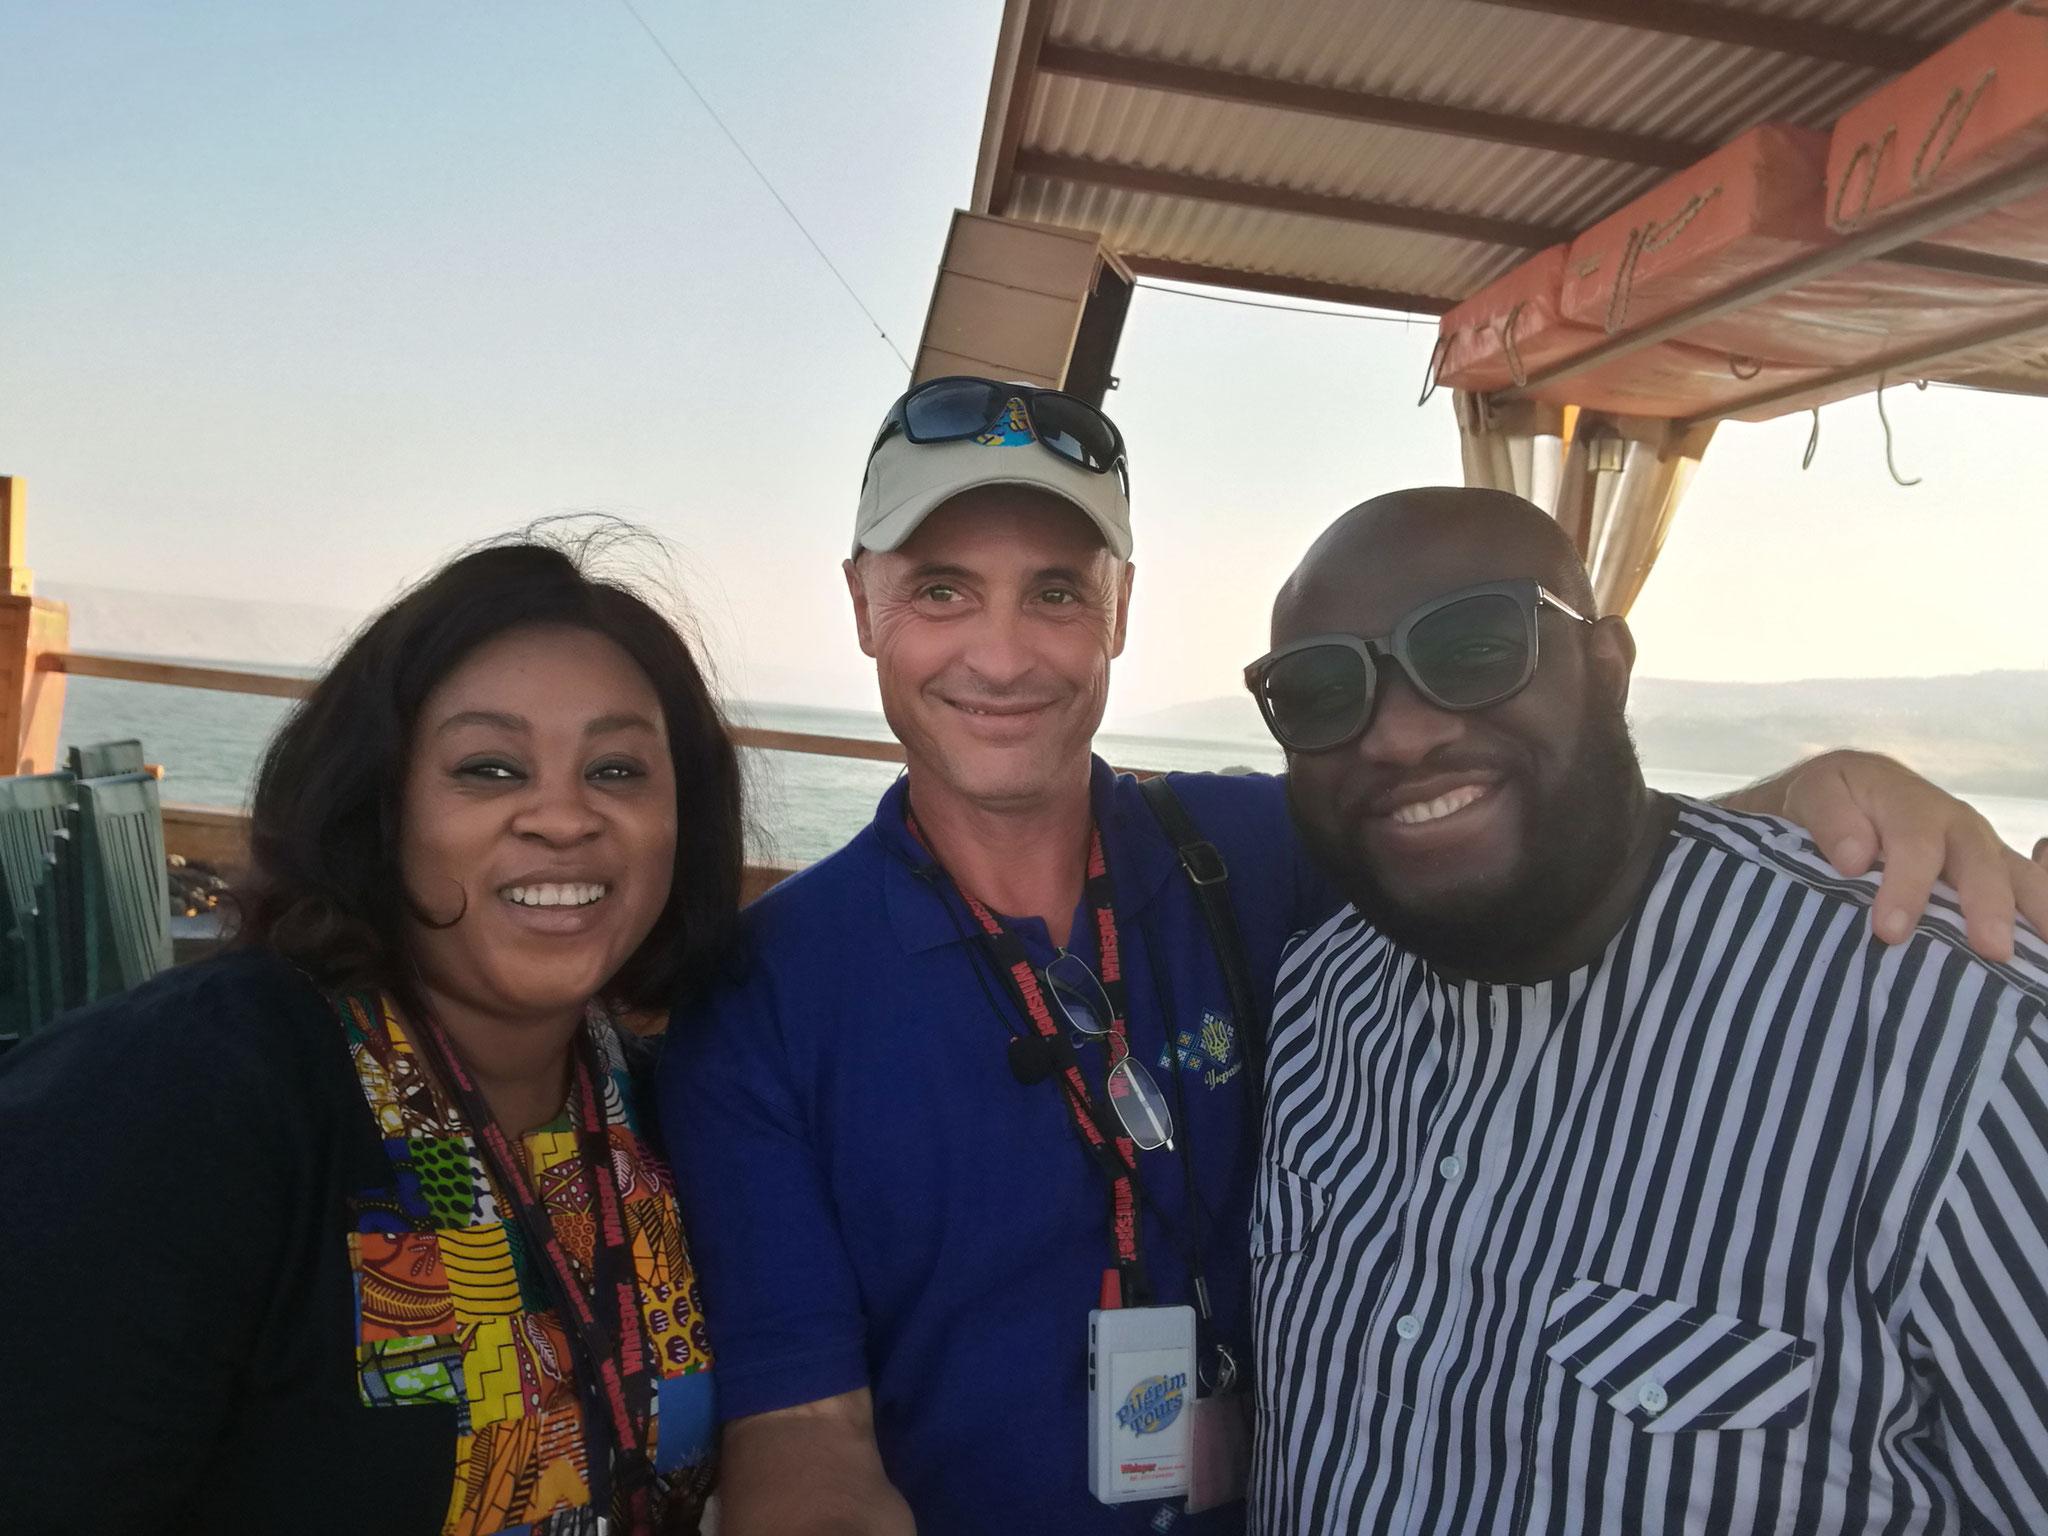 Nigerian friends in Israel, 2017